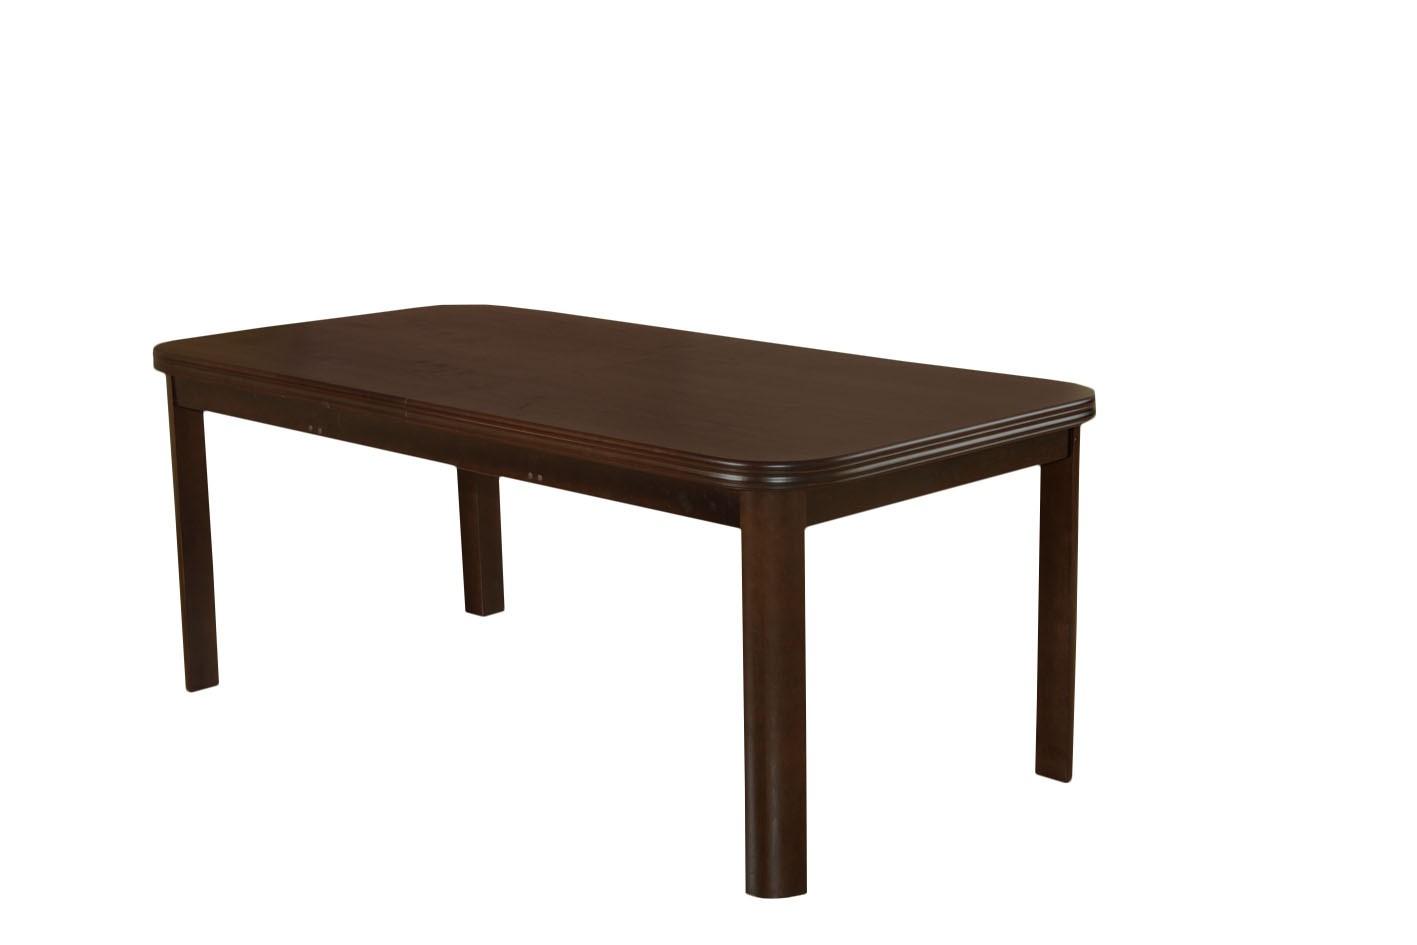 Stół Do Jadalni SM9 Na zaokrąglonych Nogach Rozkładany Do 280 Cm Z Dwoma Wkładkami po 40 cm